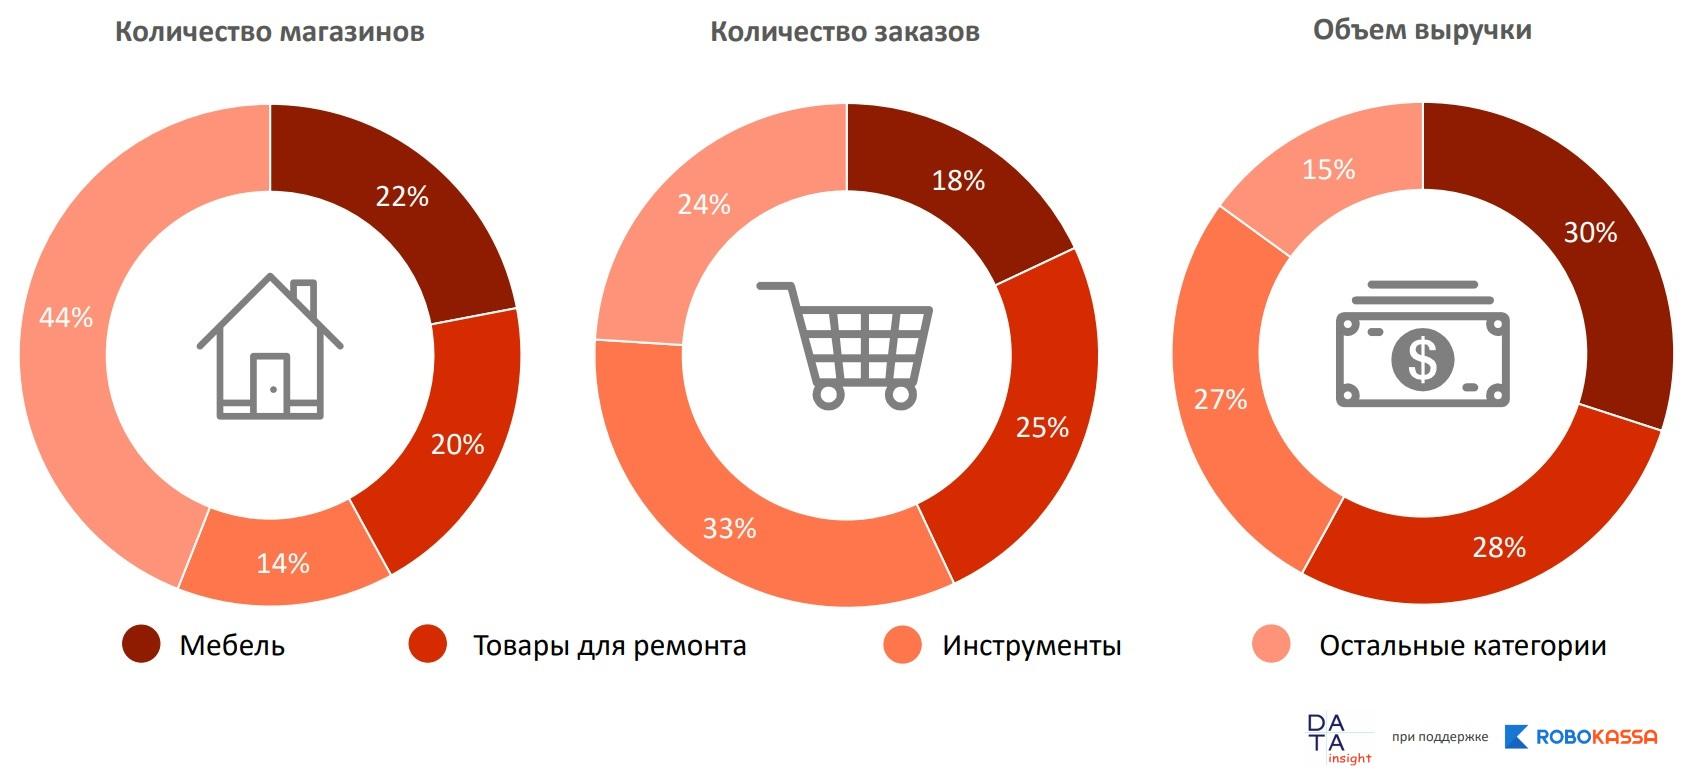 8d31f92e1f3 Онлайн-рынок товаров для дома и ремонта  результаты исследования ...